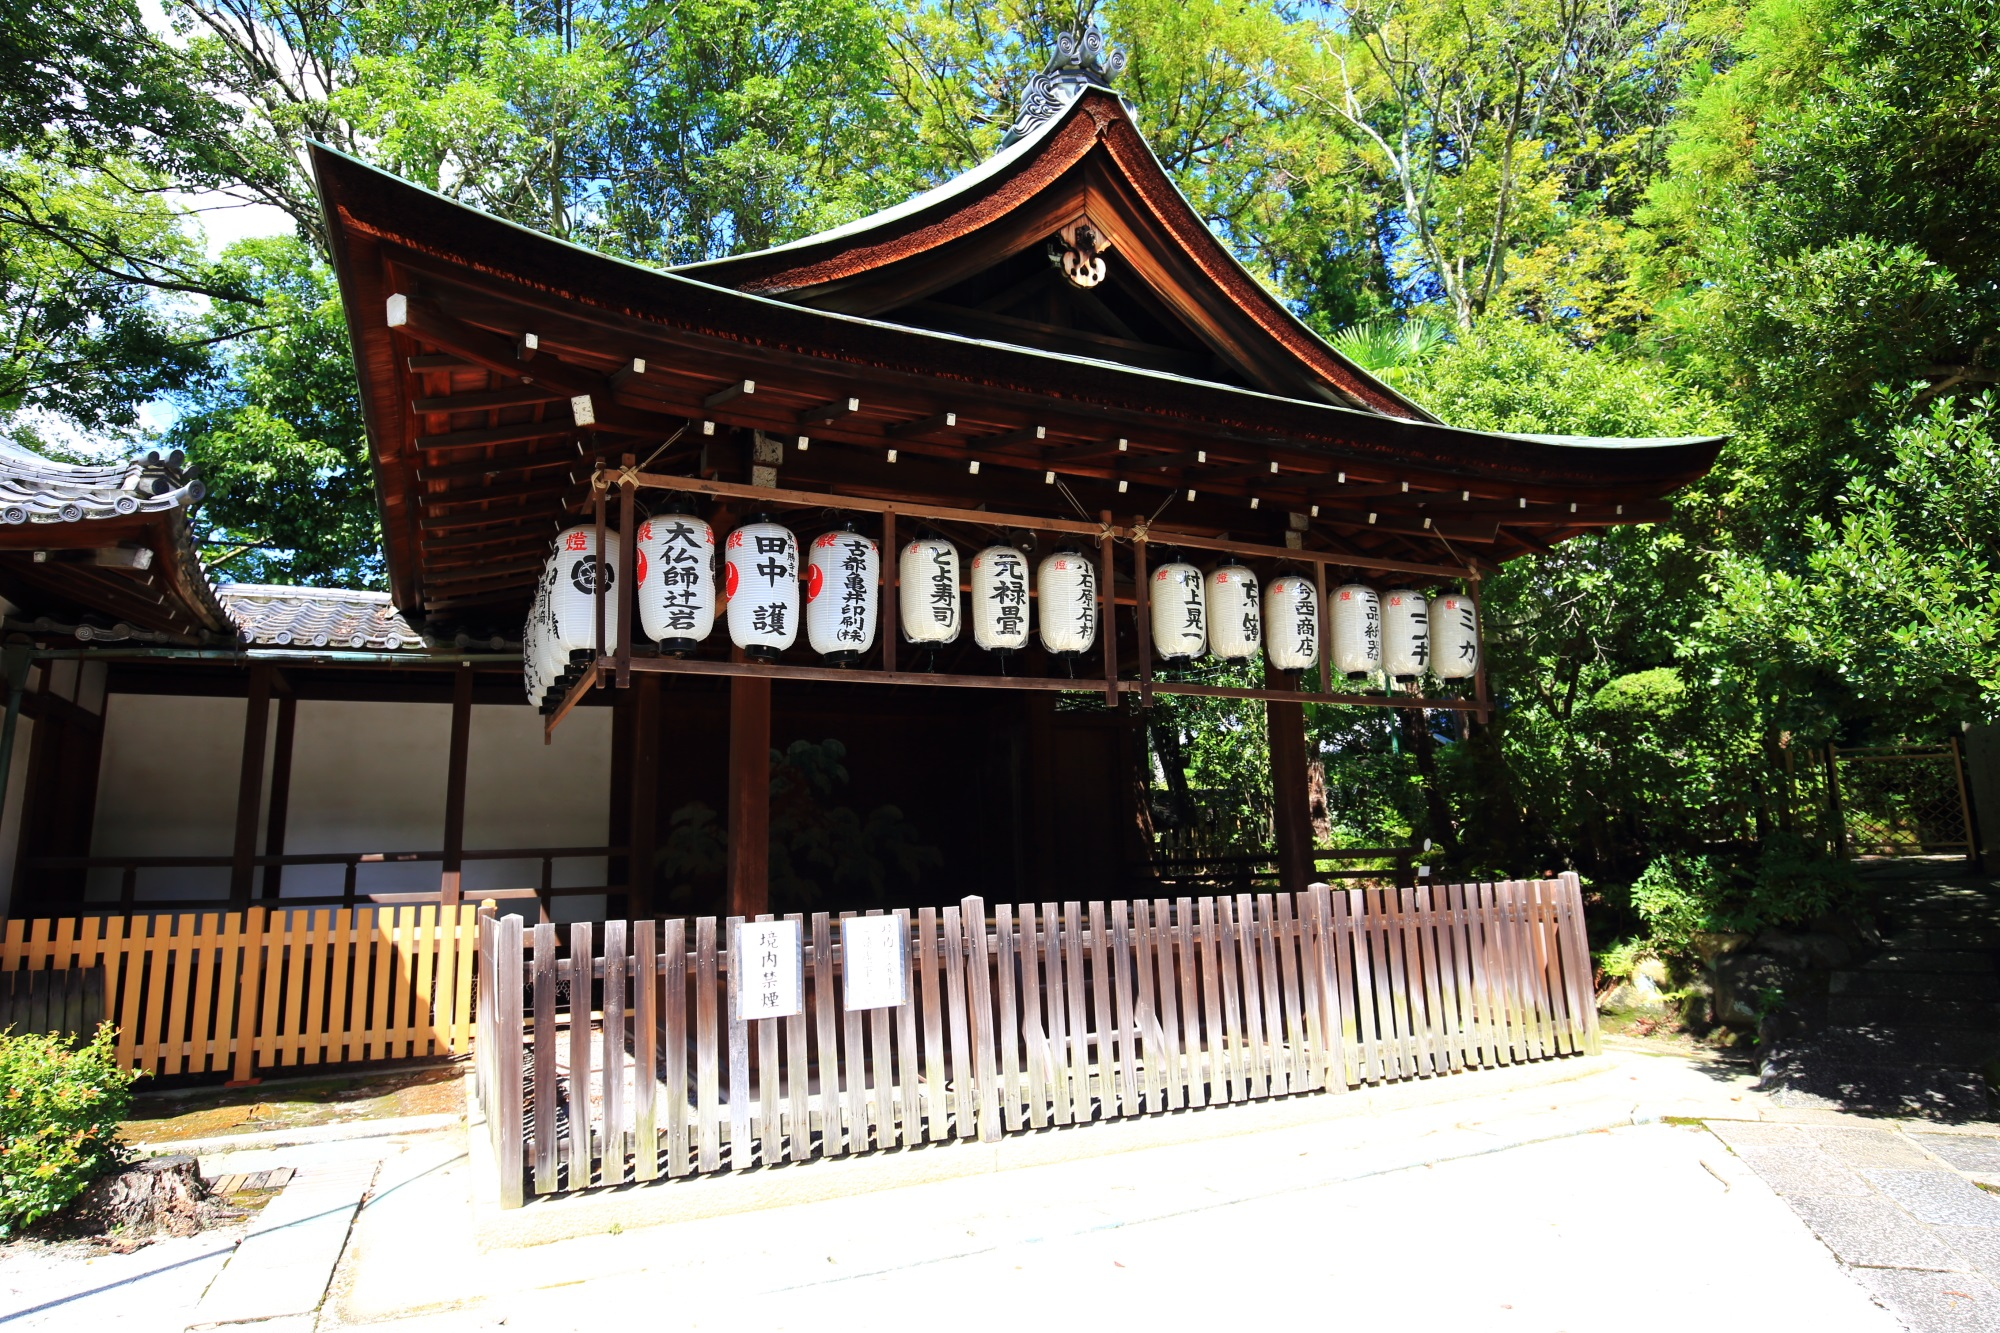 緑や自然もいっぱいある岡崎神社の舞殿